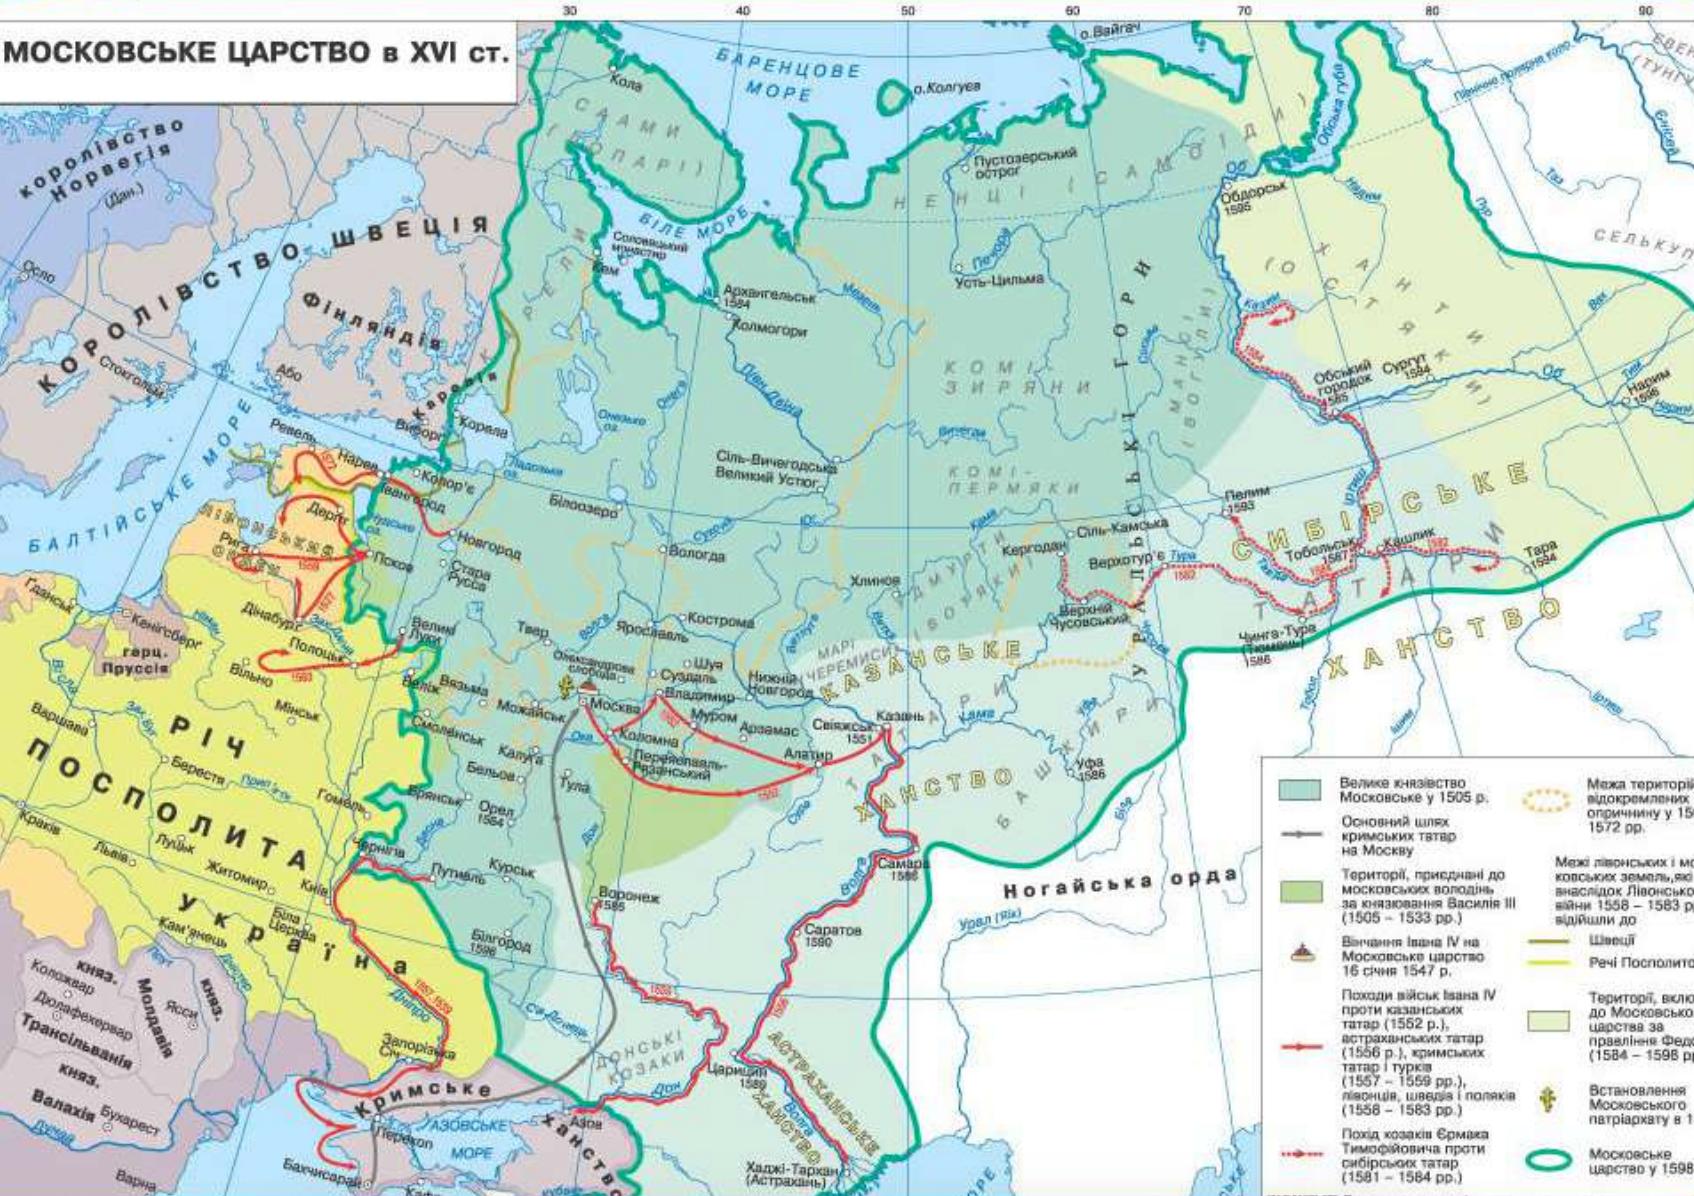 карта Московского царства 16 век